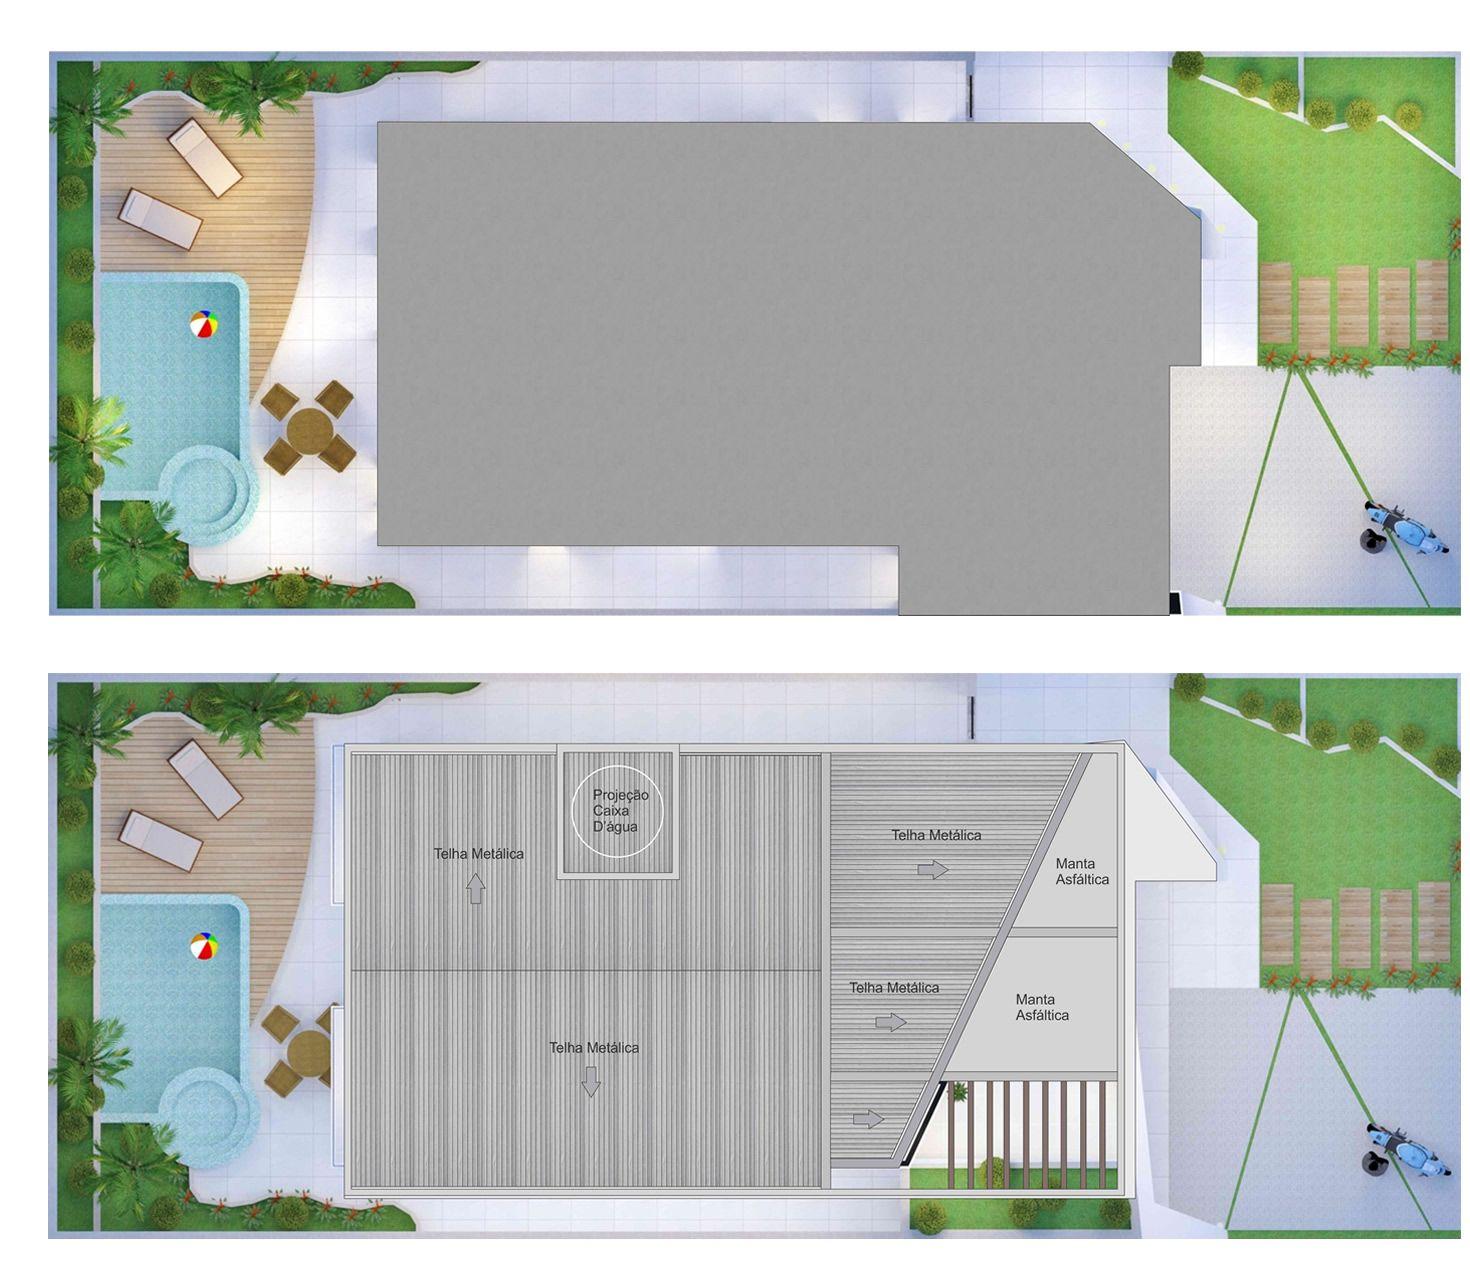 Projeto de sobrado com design inovador - Projetos de Casas - Modelos de Casas